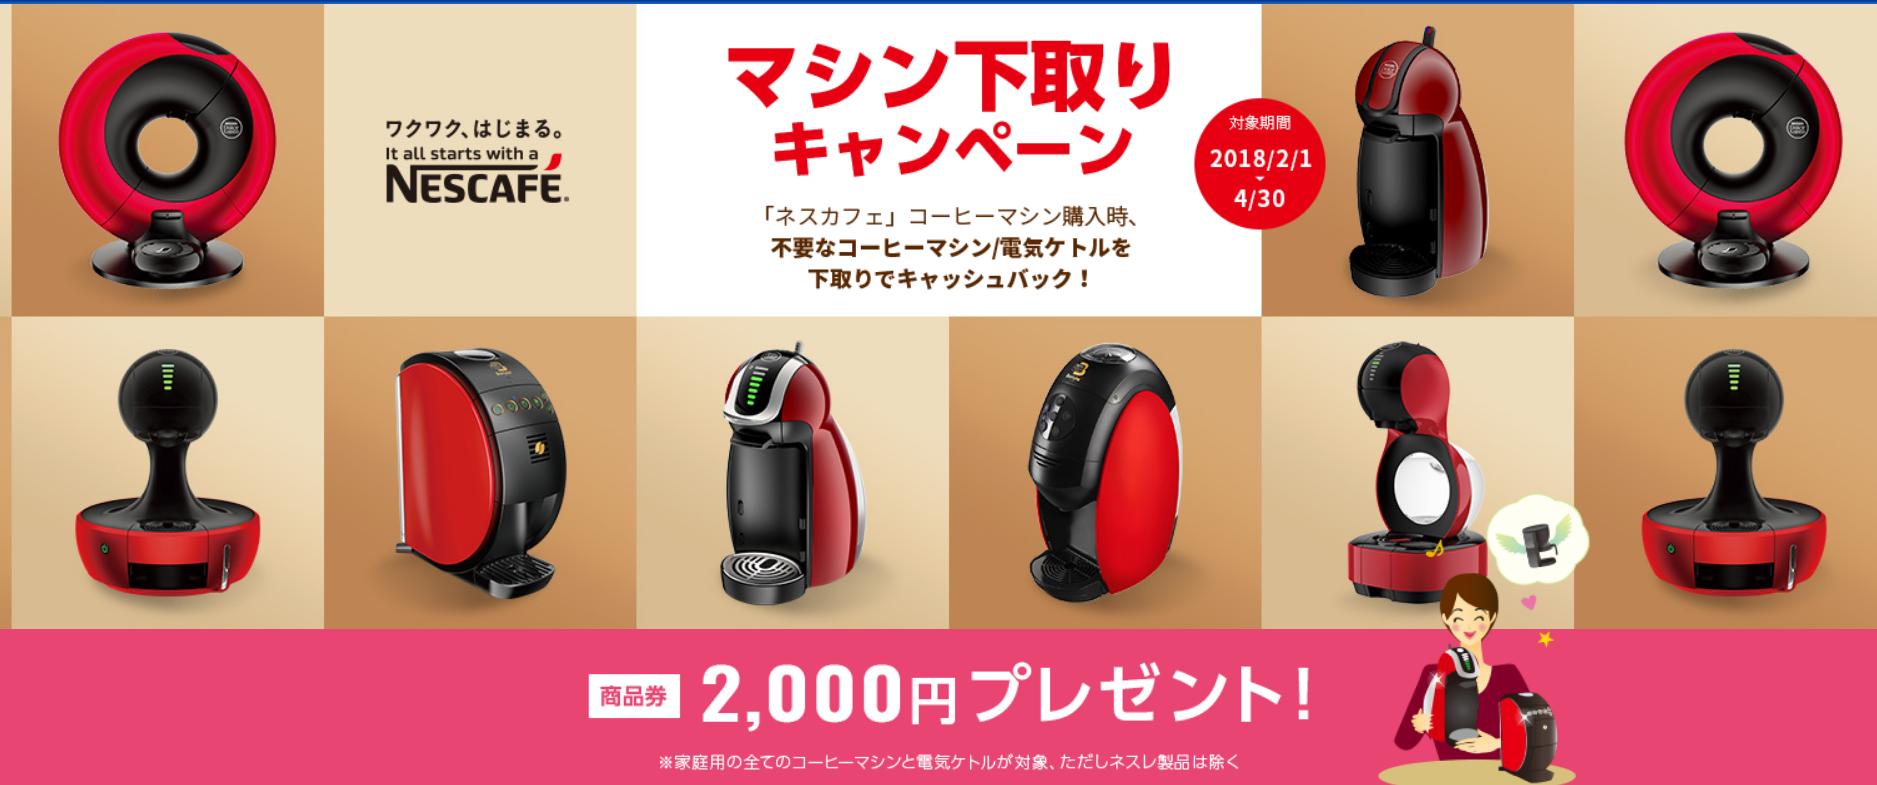 【お知らせ】マシン下取りキャンペーン